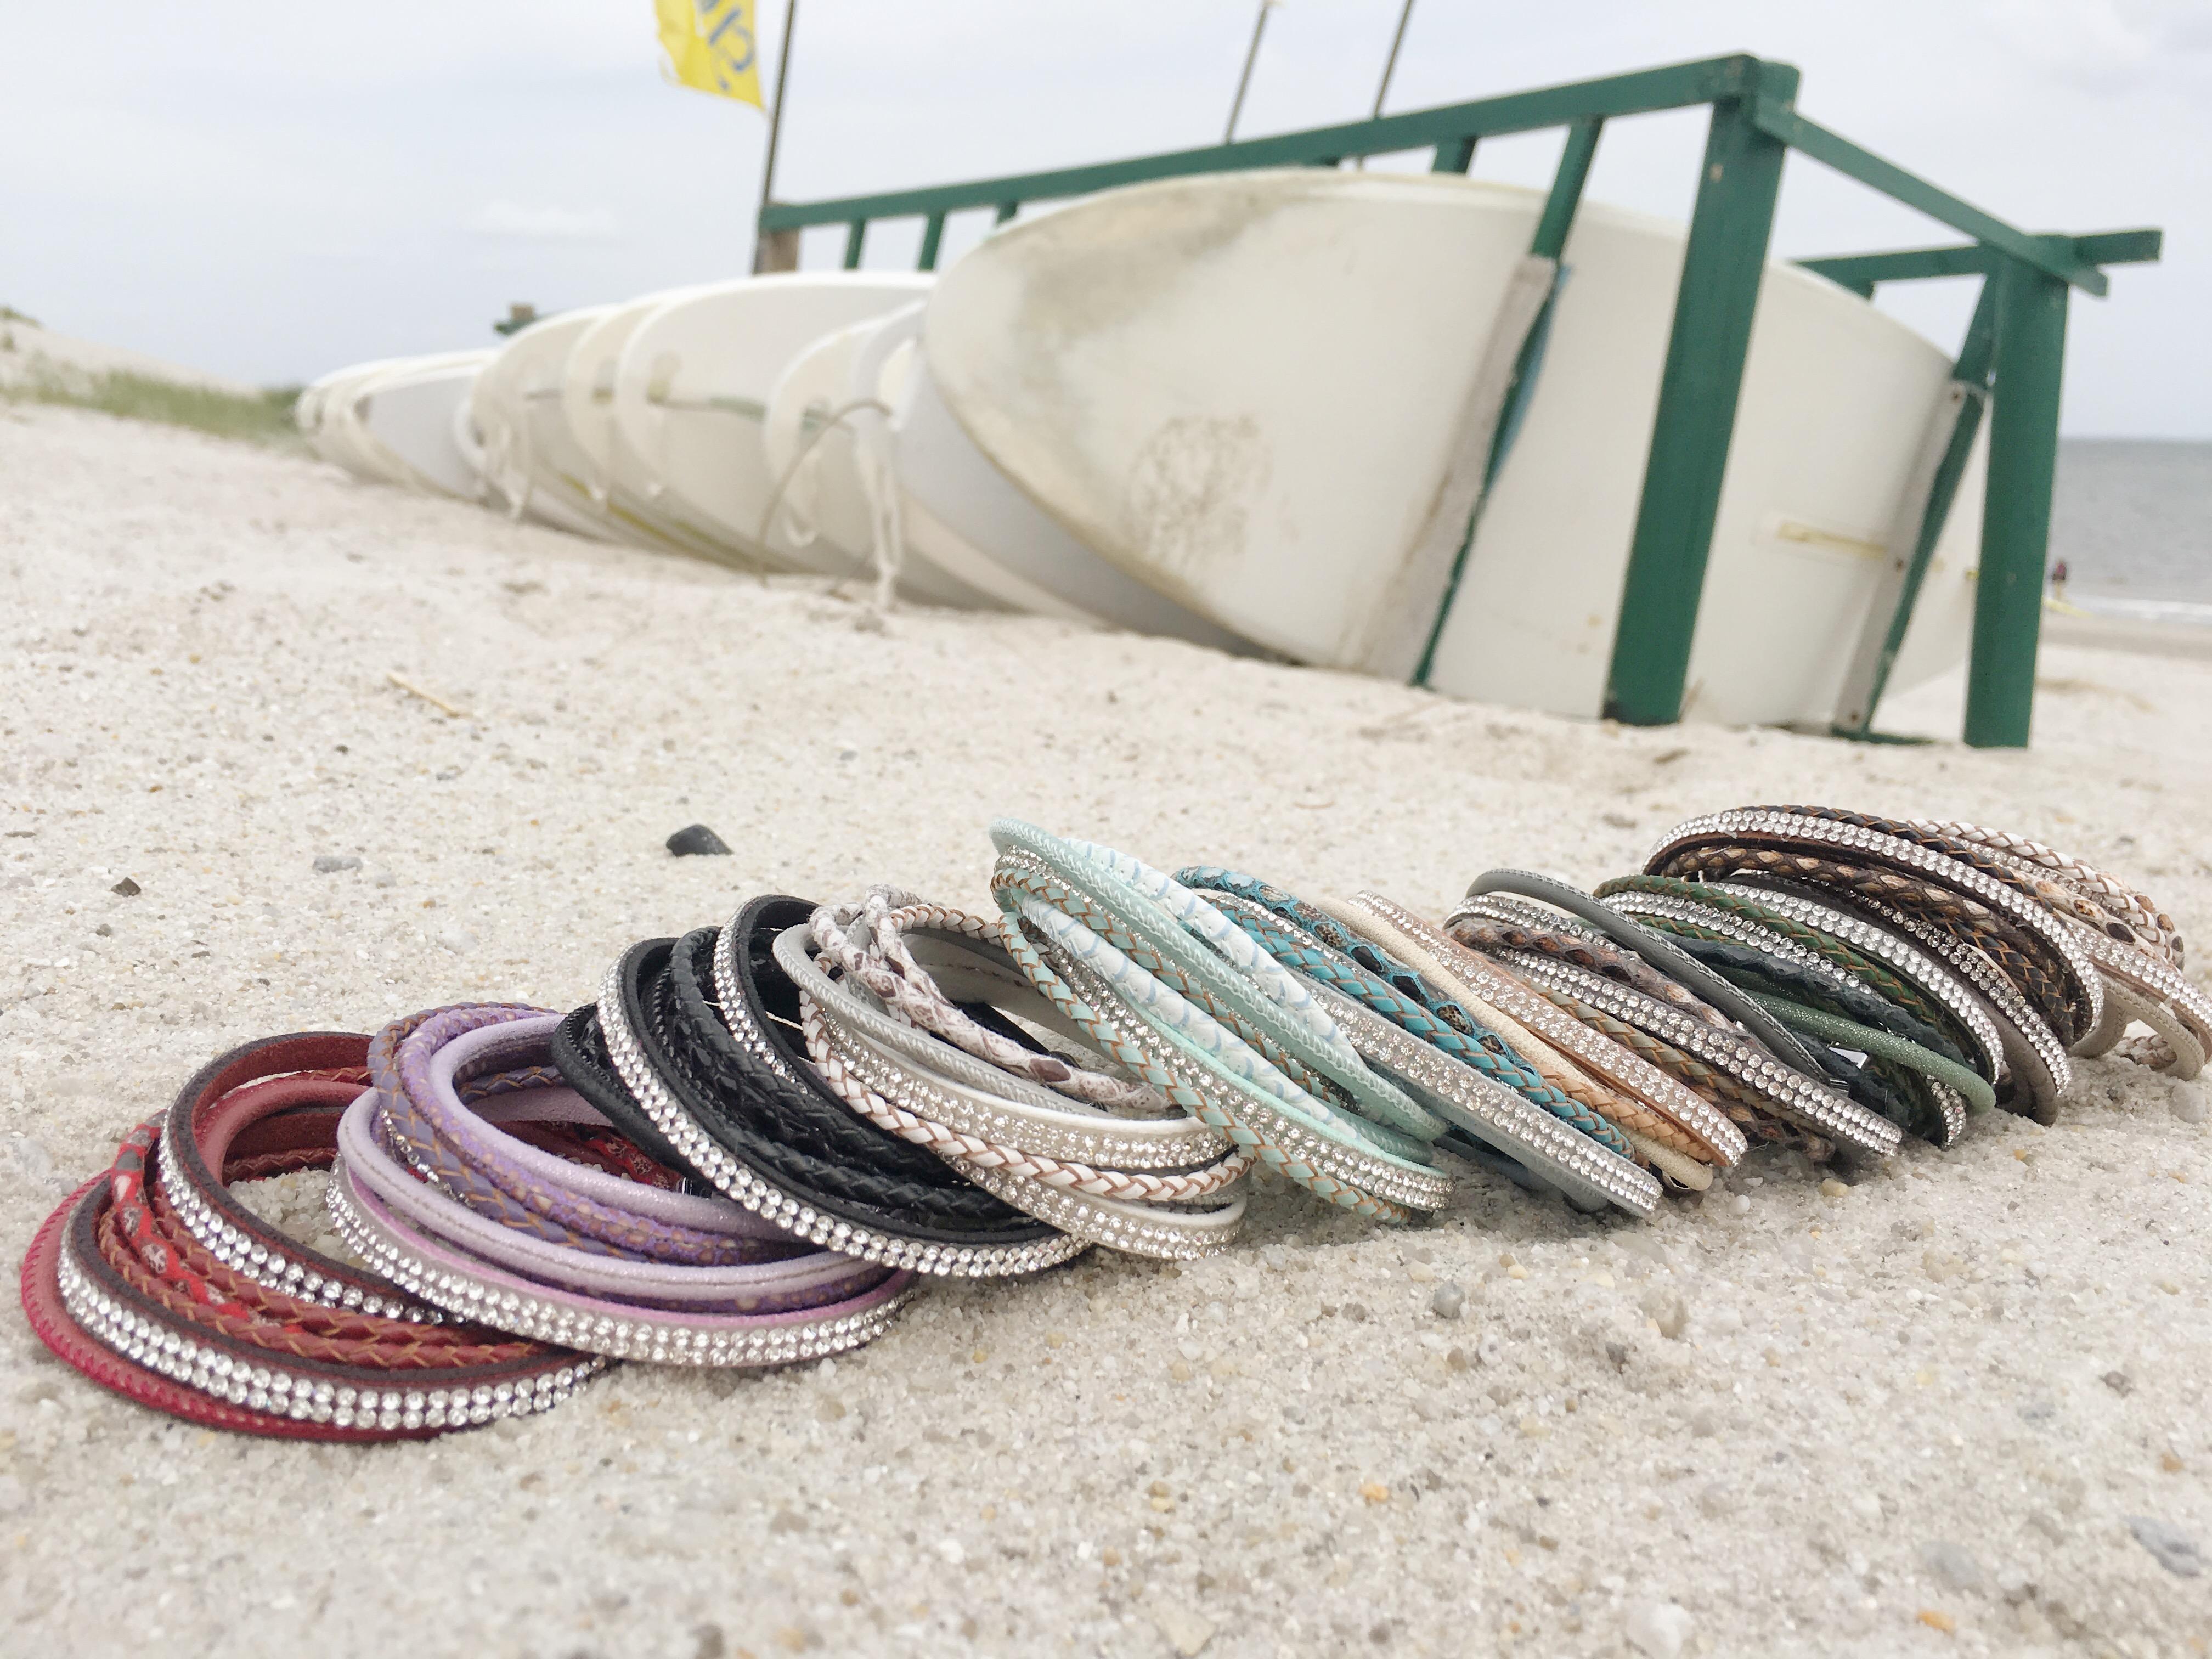 Unsere neuen Sommer Wickelarmbänder sind da!